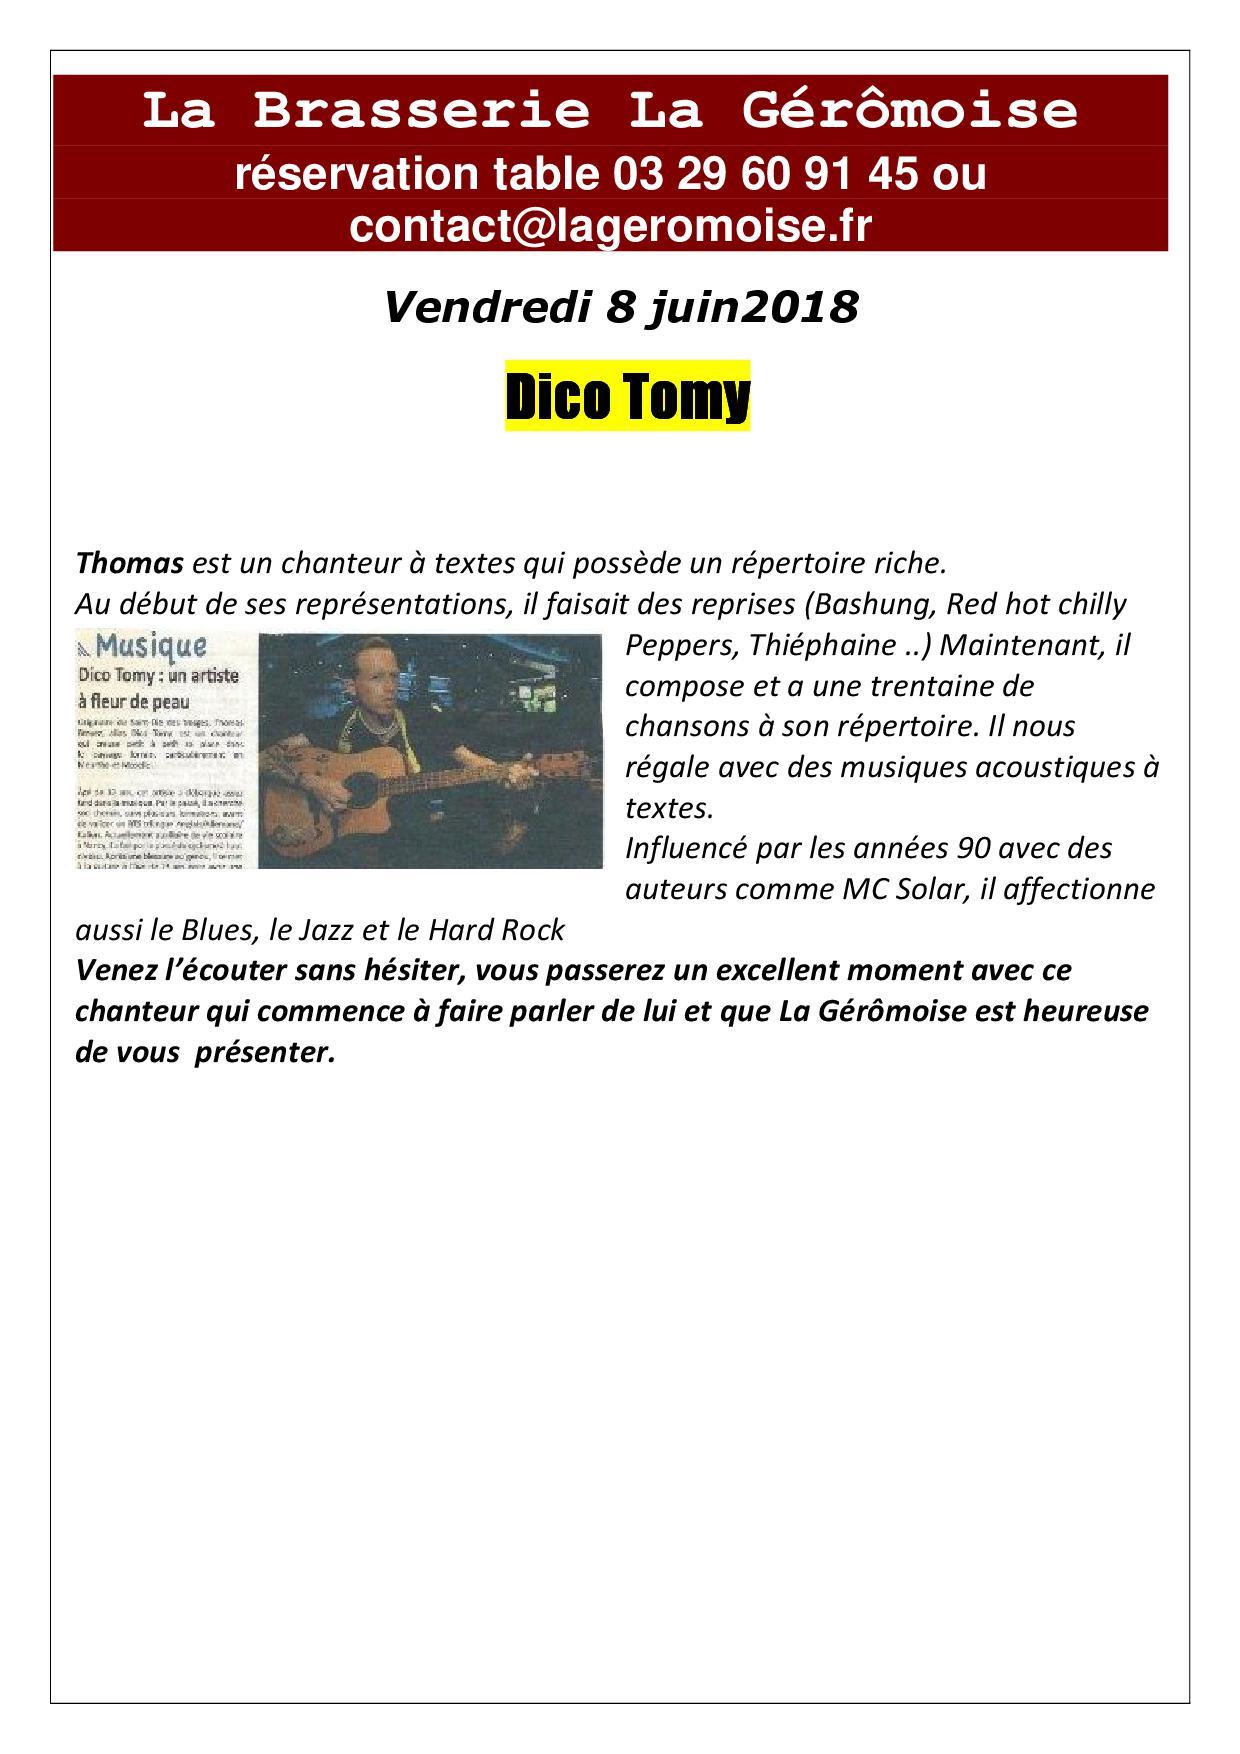 concerts-8-juin-2018-thomas-broyez-dico-tomy.jpg